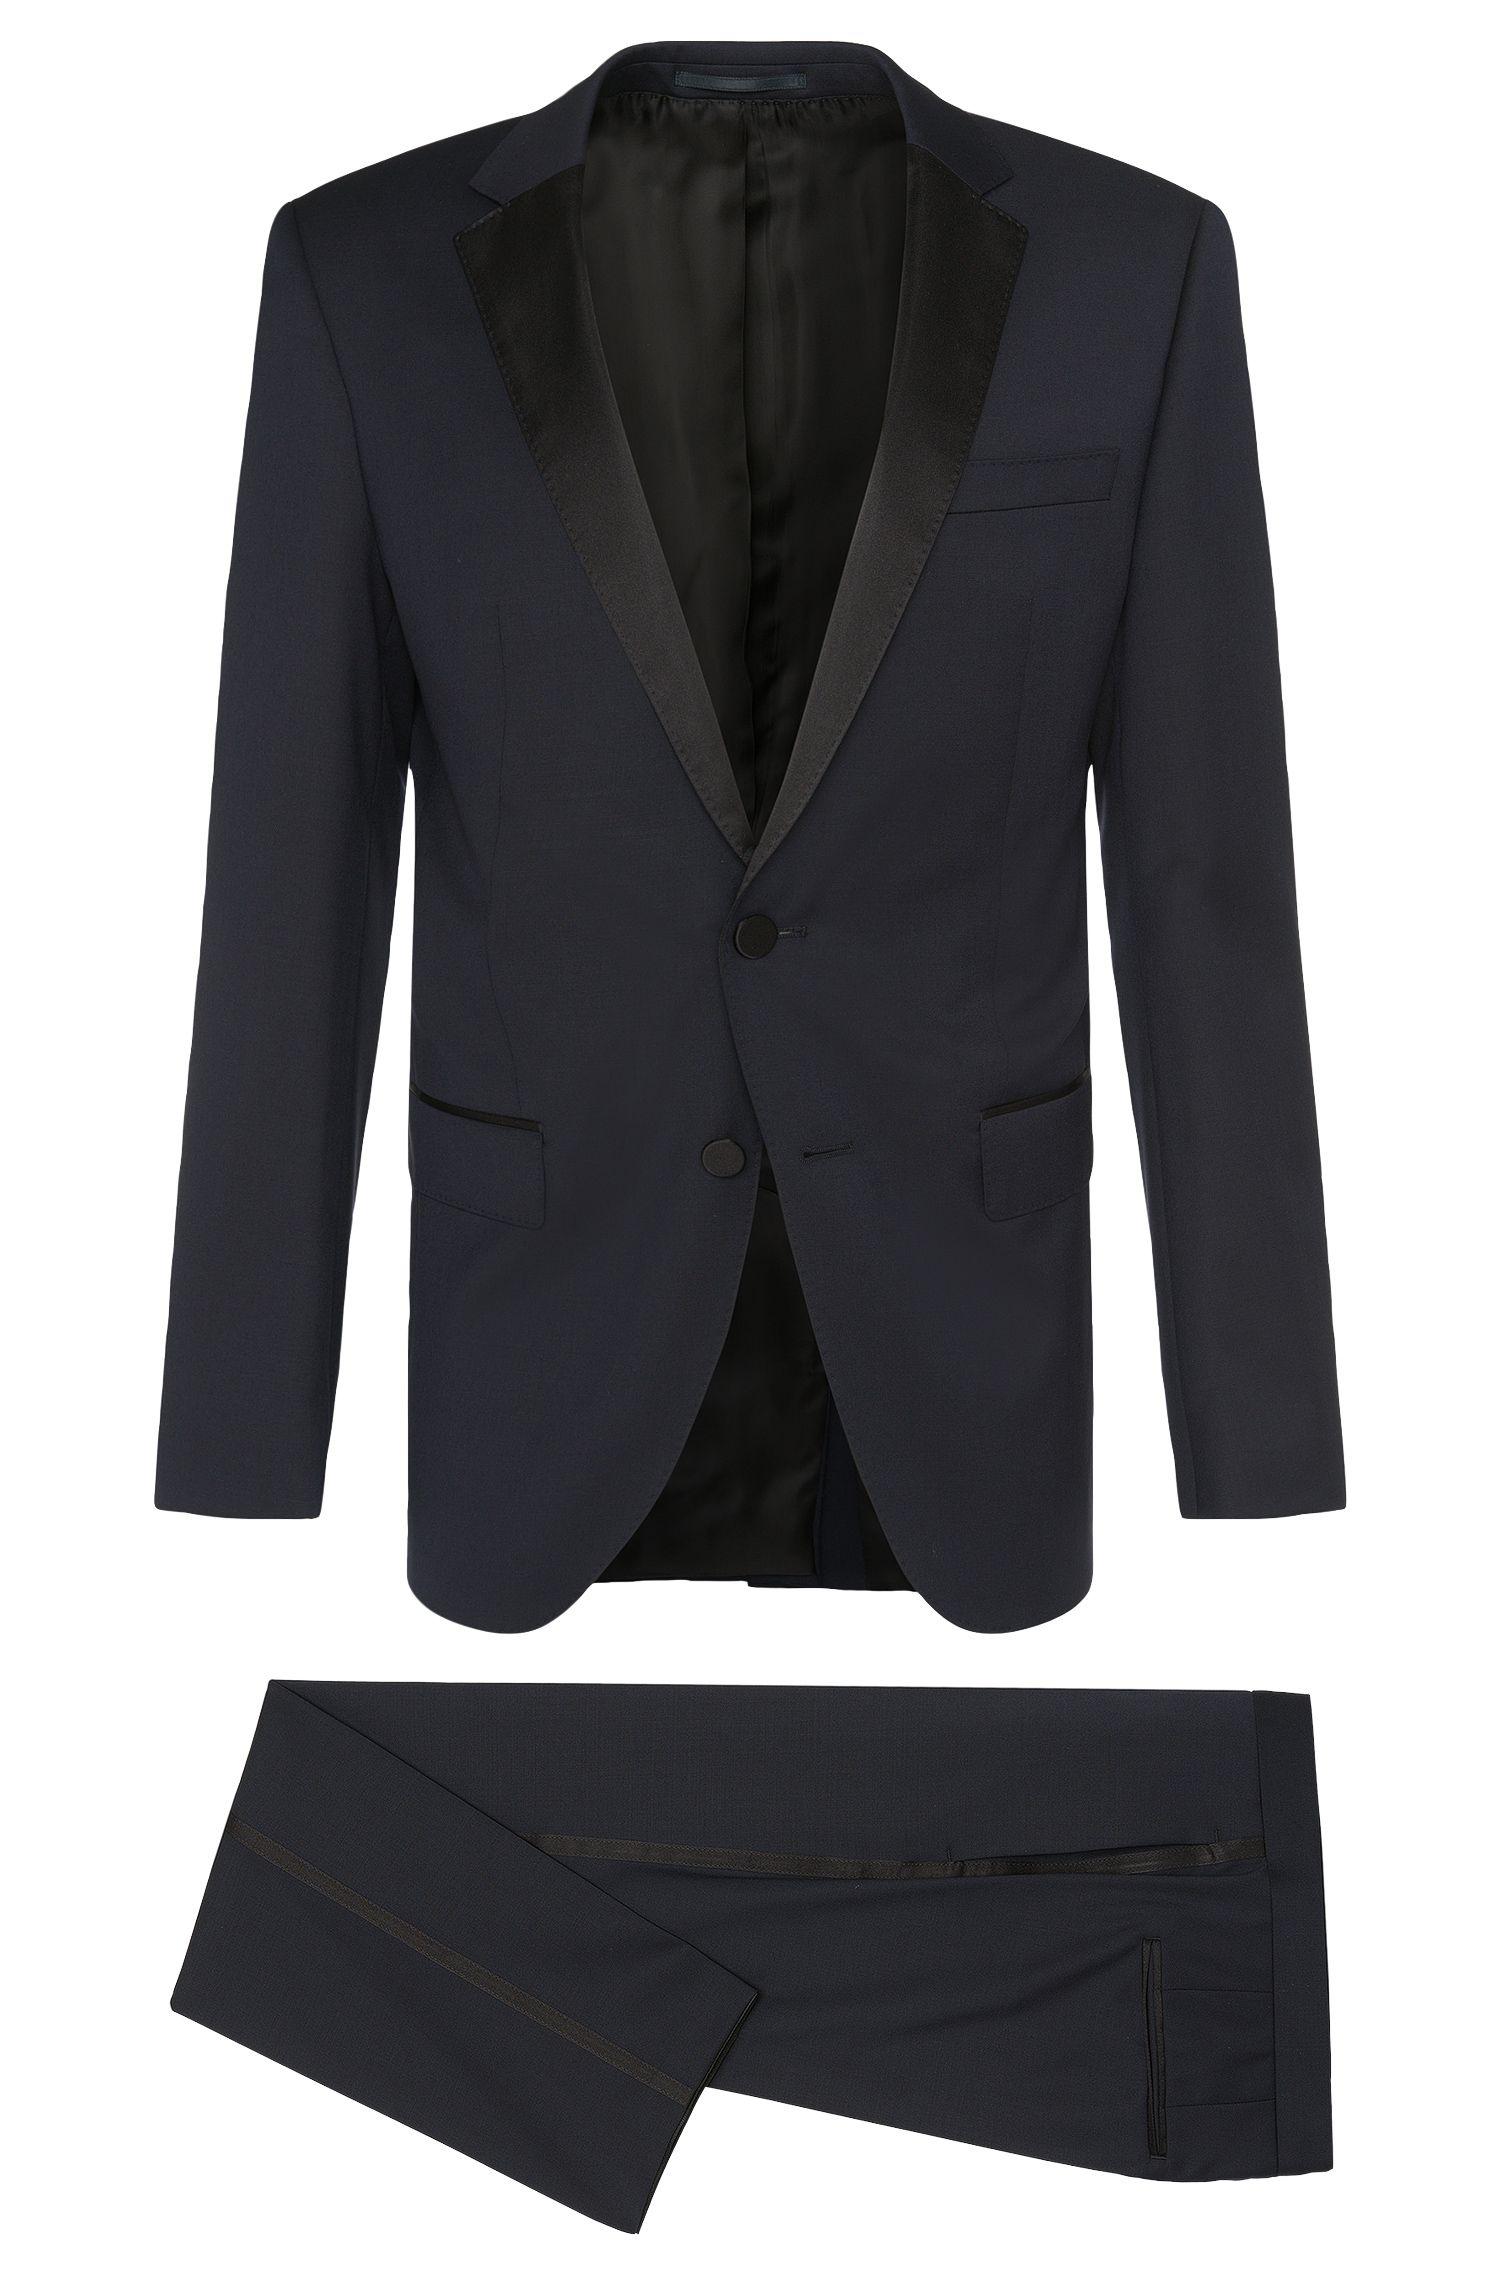 'Haakon/Grady' | Slim Fit, Super 120 Italian Virgin Wool Tuxedo